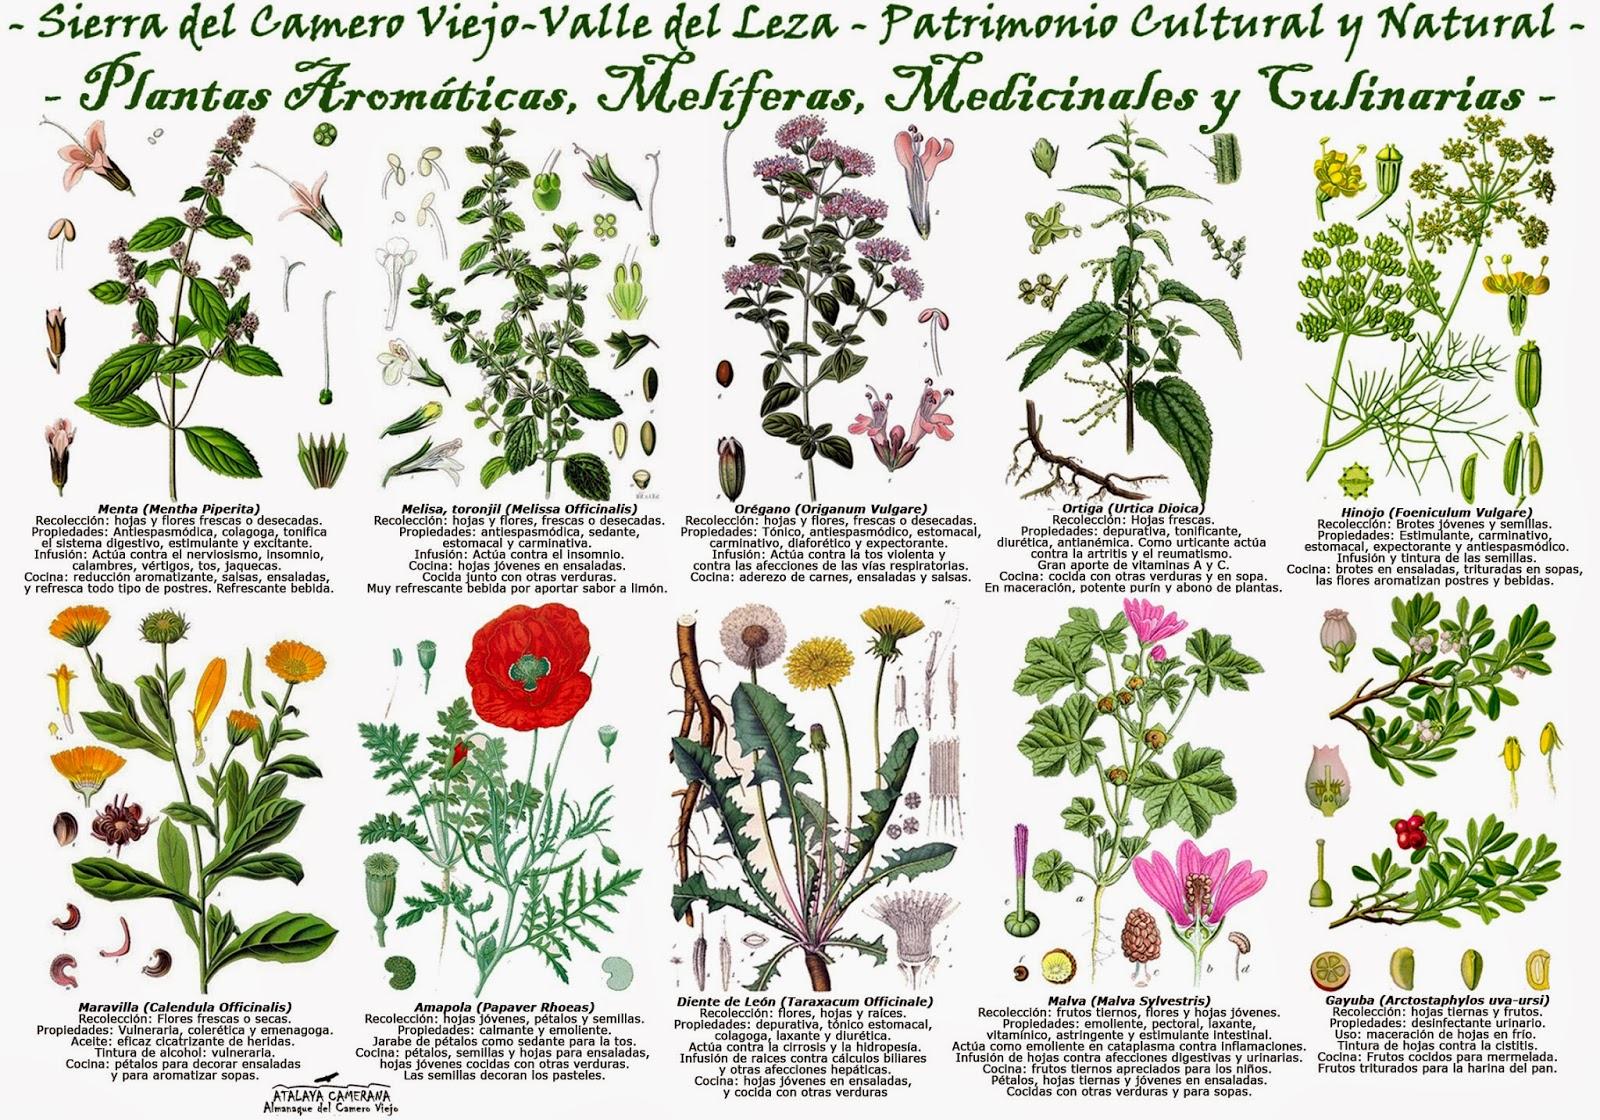 Atalaya camerana almanaque del camero viejo plantas - Plantas aromaticas mediterraneas ...